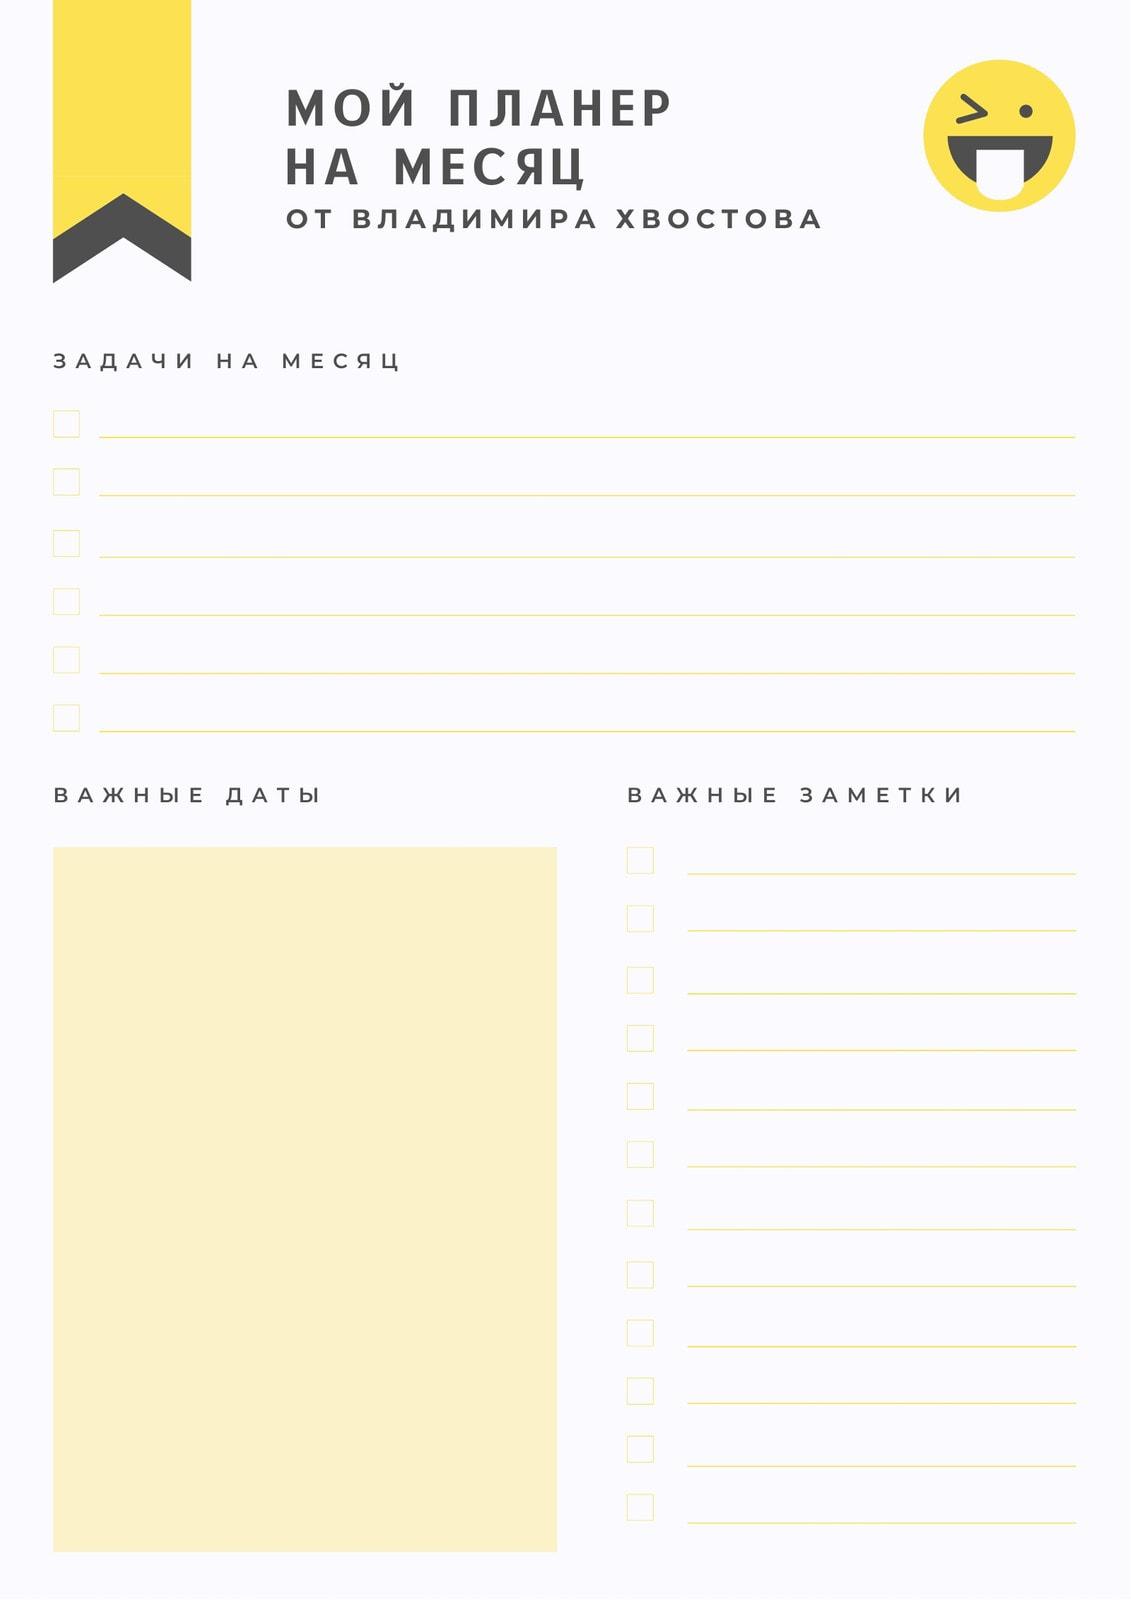 Общий личный ежемесячник желтого и угольного цвета